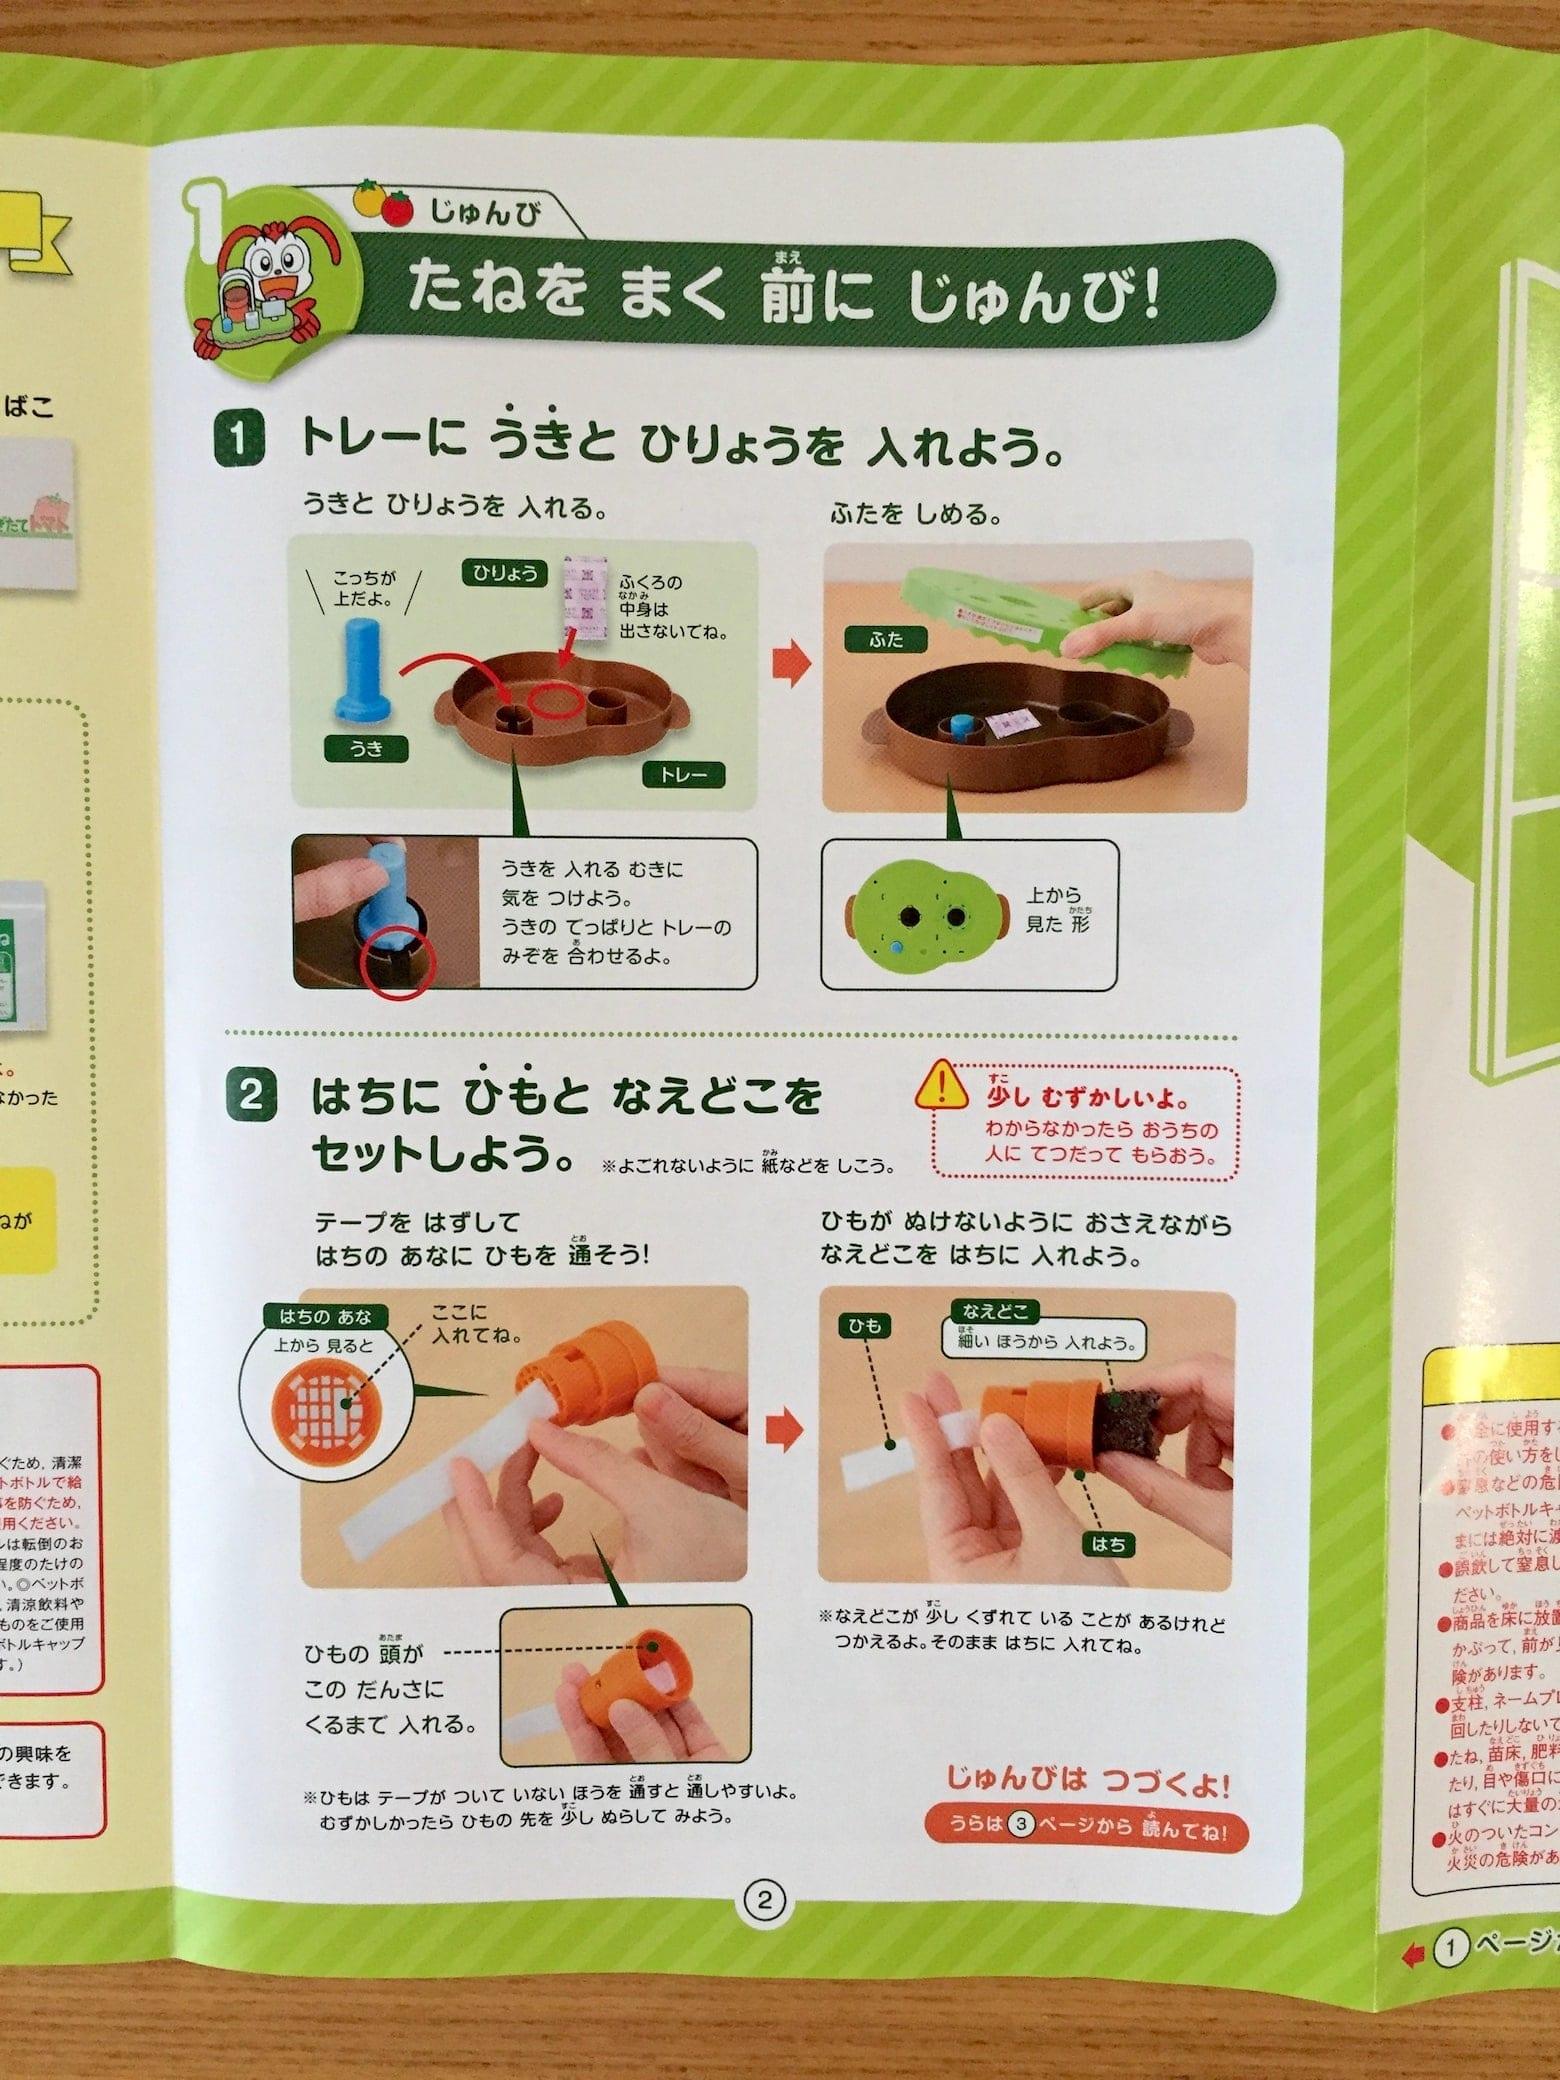 トマト01 マニュアル2